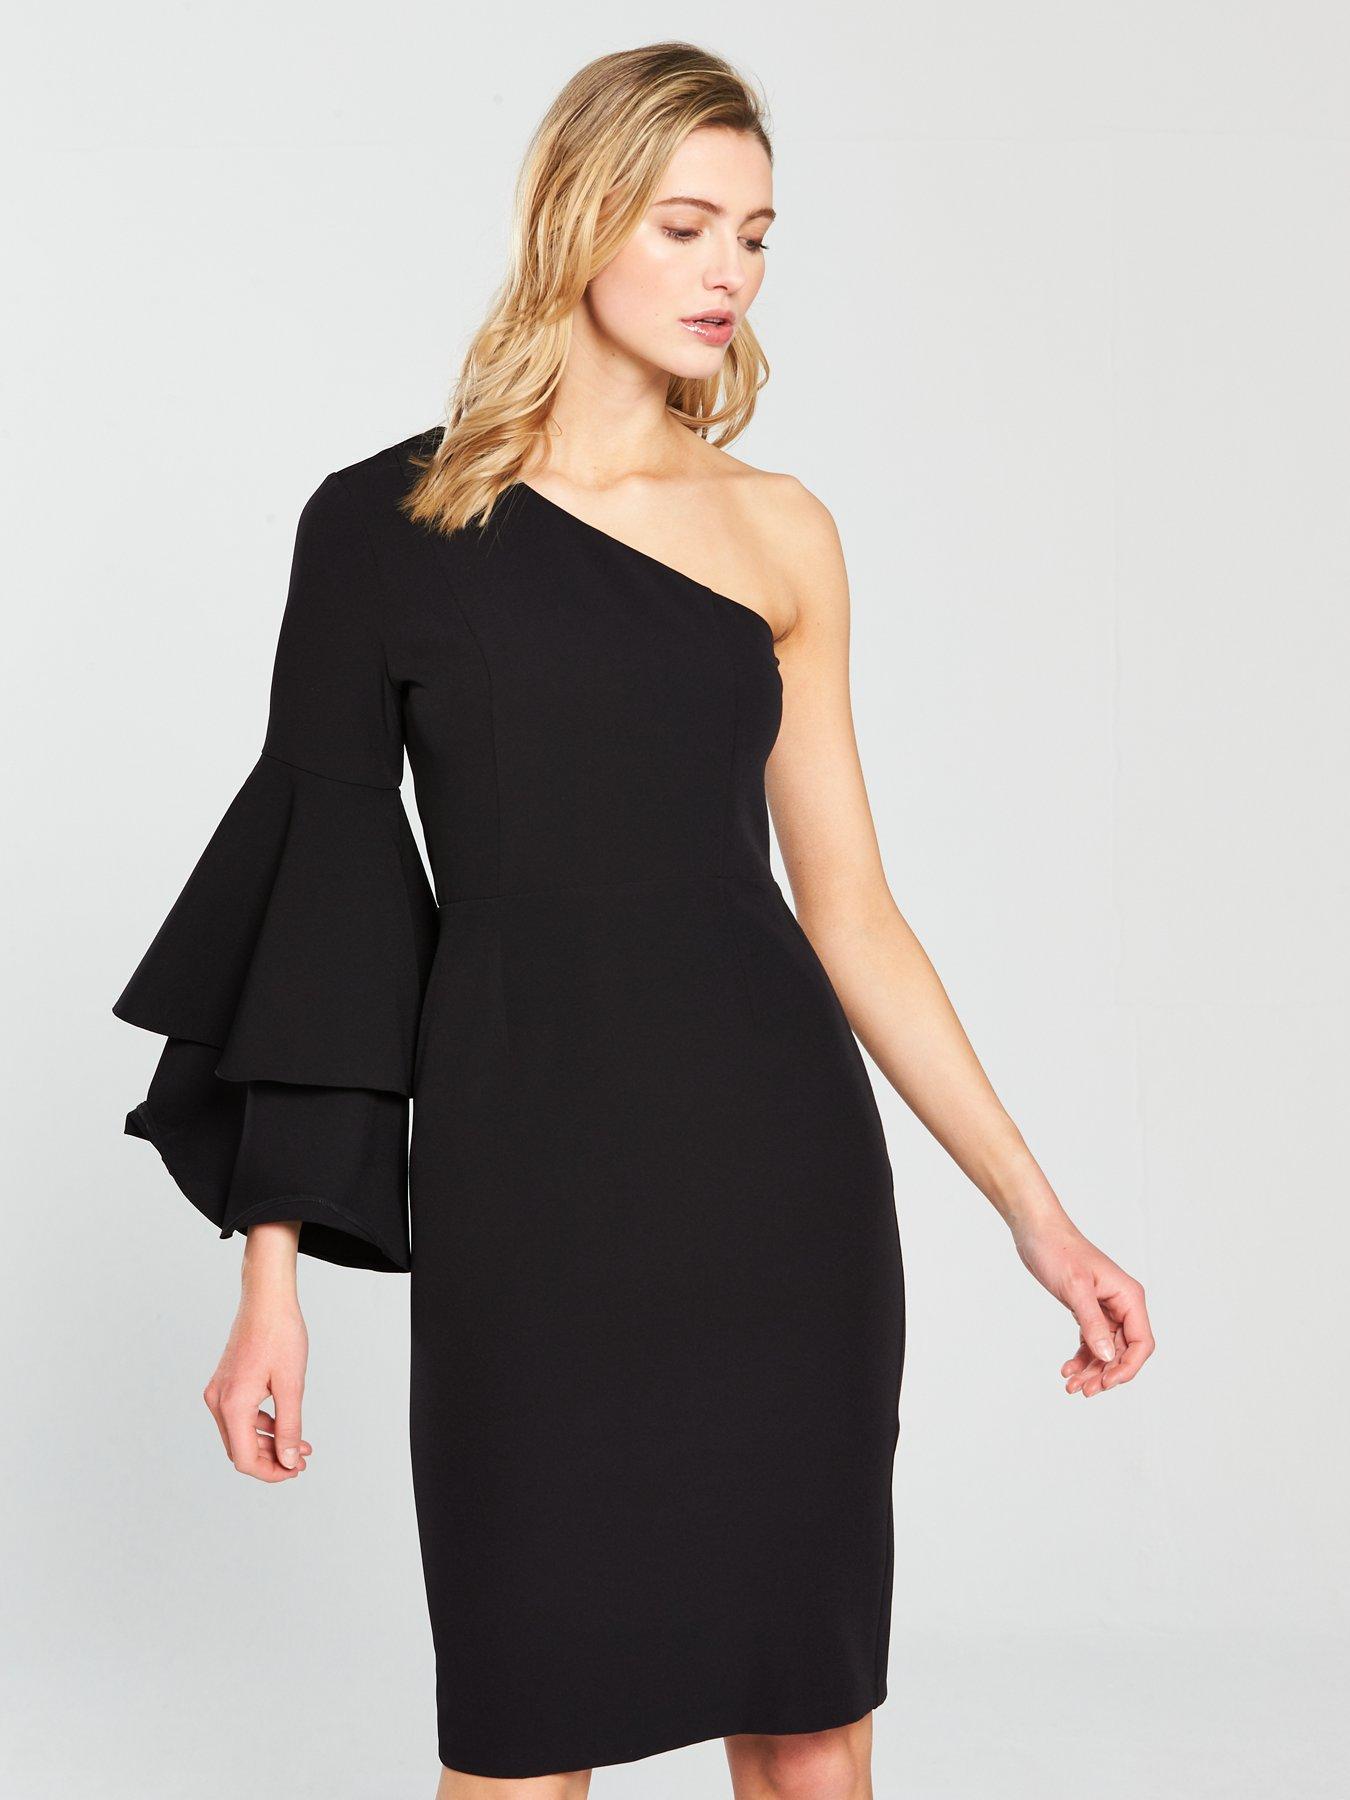 Oasis One Shoulder Dress – Black